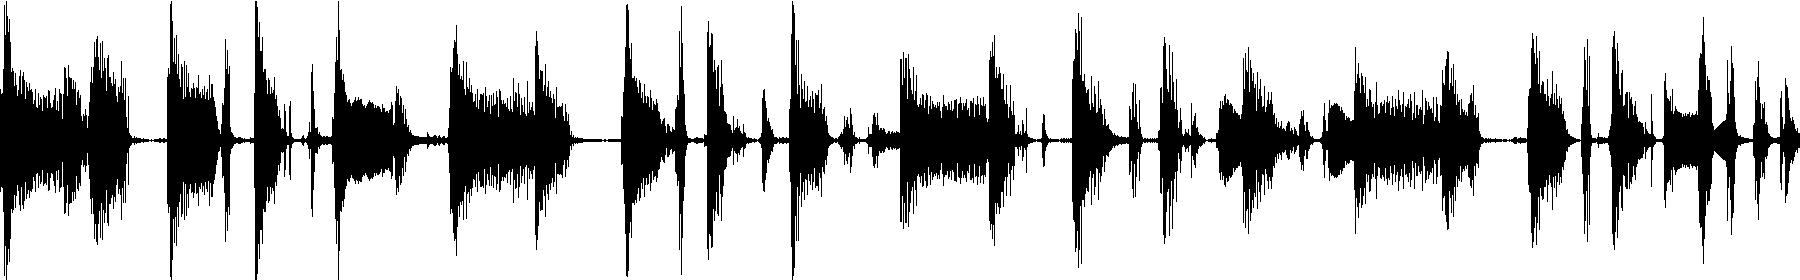 130 rhythm c sp 01